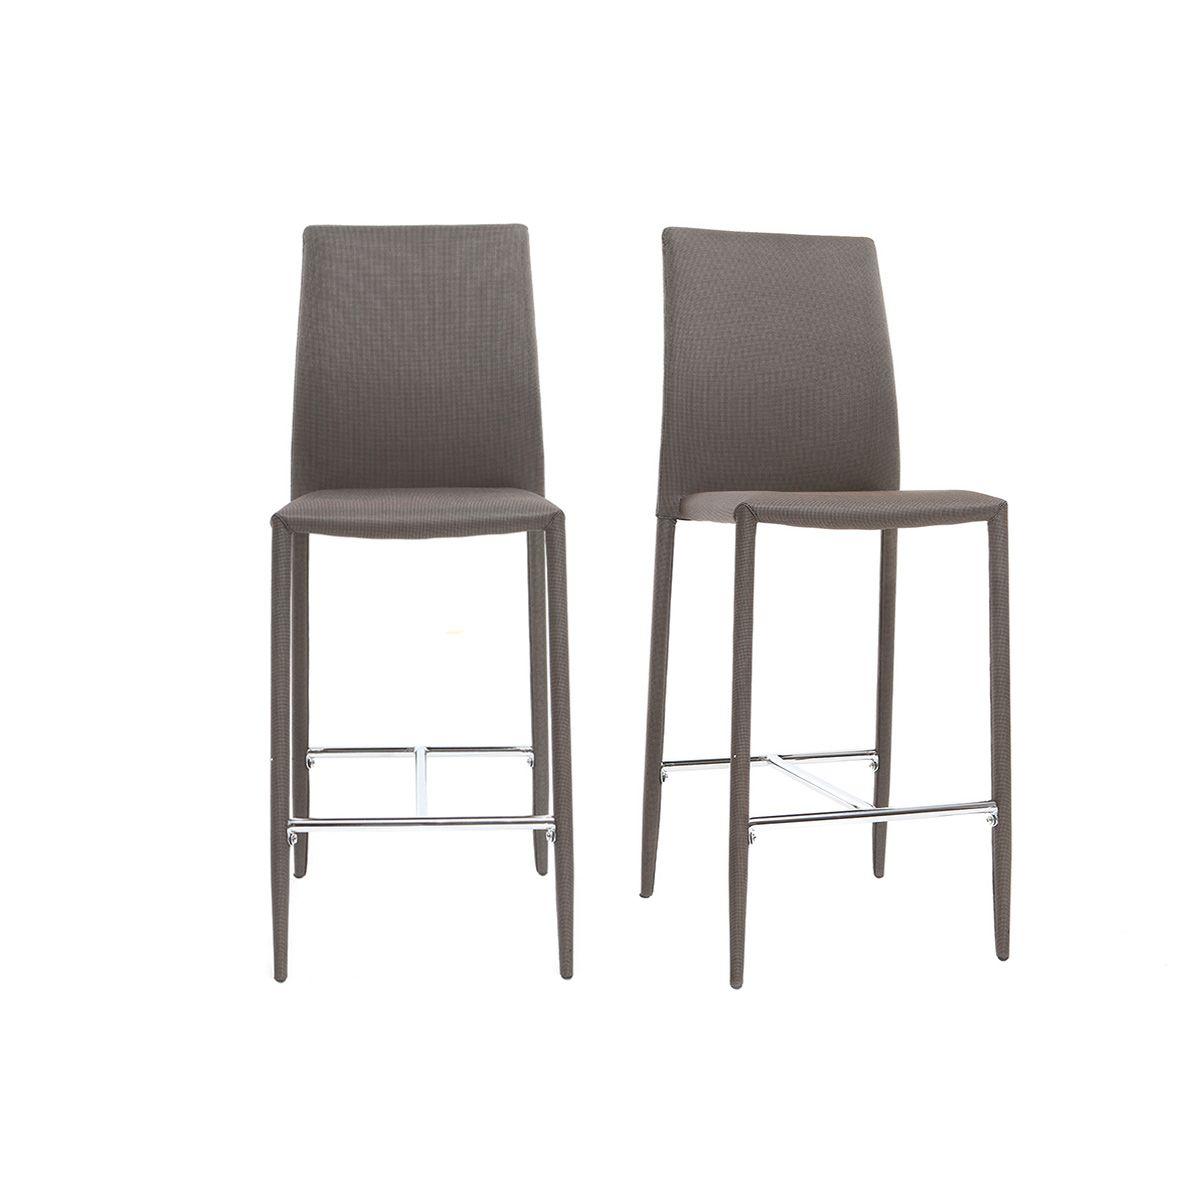 Dove acquistare Coppia di 2 sgabelli / sedie da bar design beige TALOS